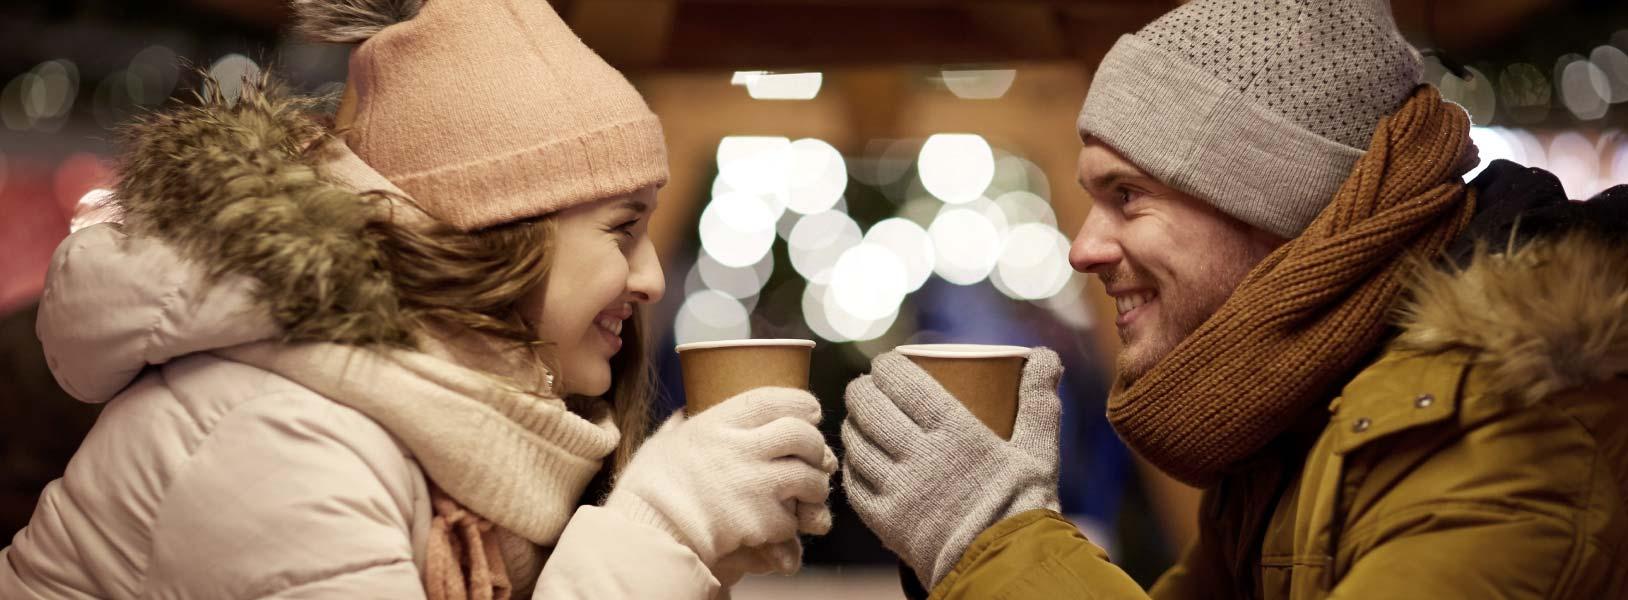 Alcune idee per partire tra Natale e Capodanno